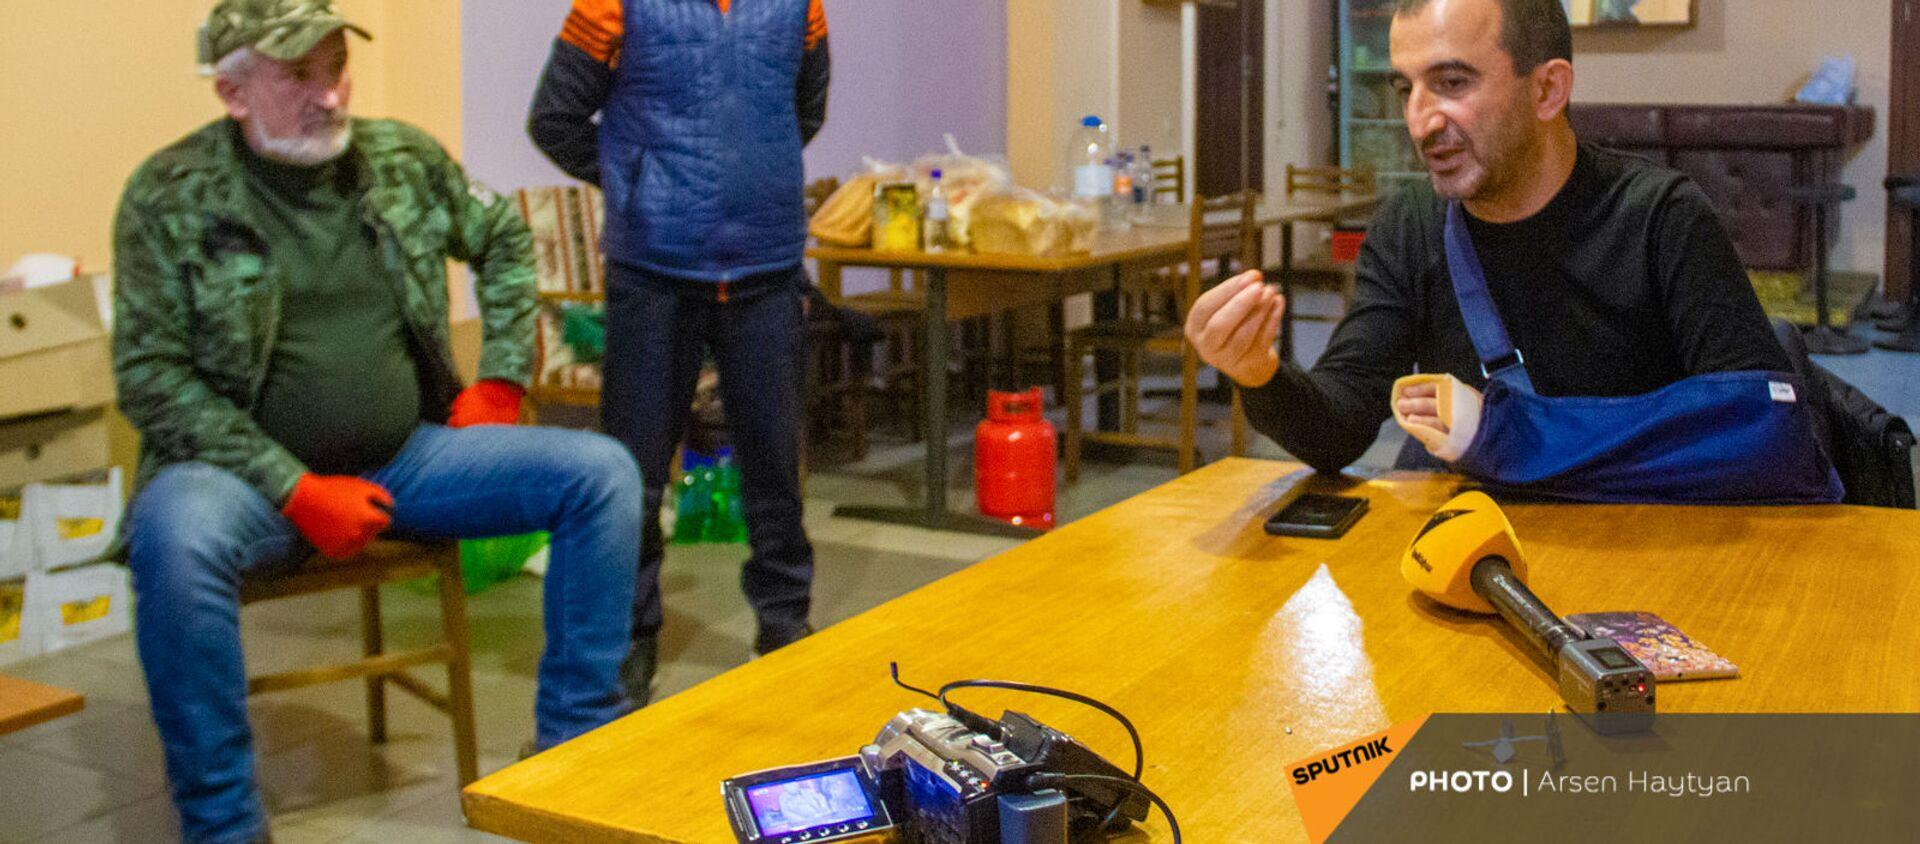 Глава общины Мегри Мхитар Закарян на встрече с гражданами - Sputnik Армения, 1920, 22.04.2021